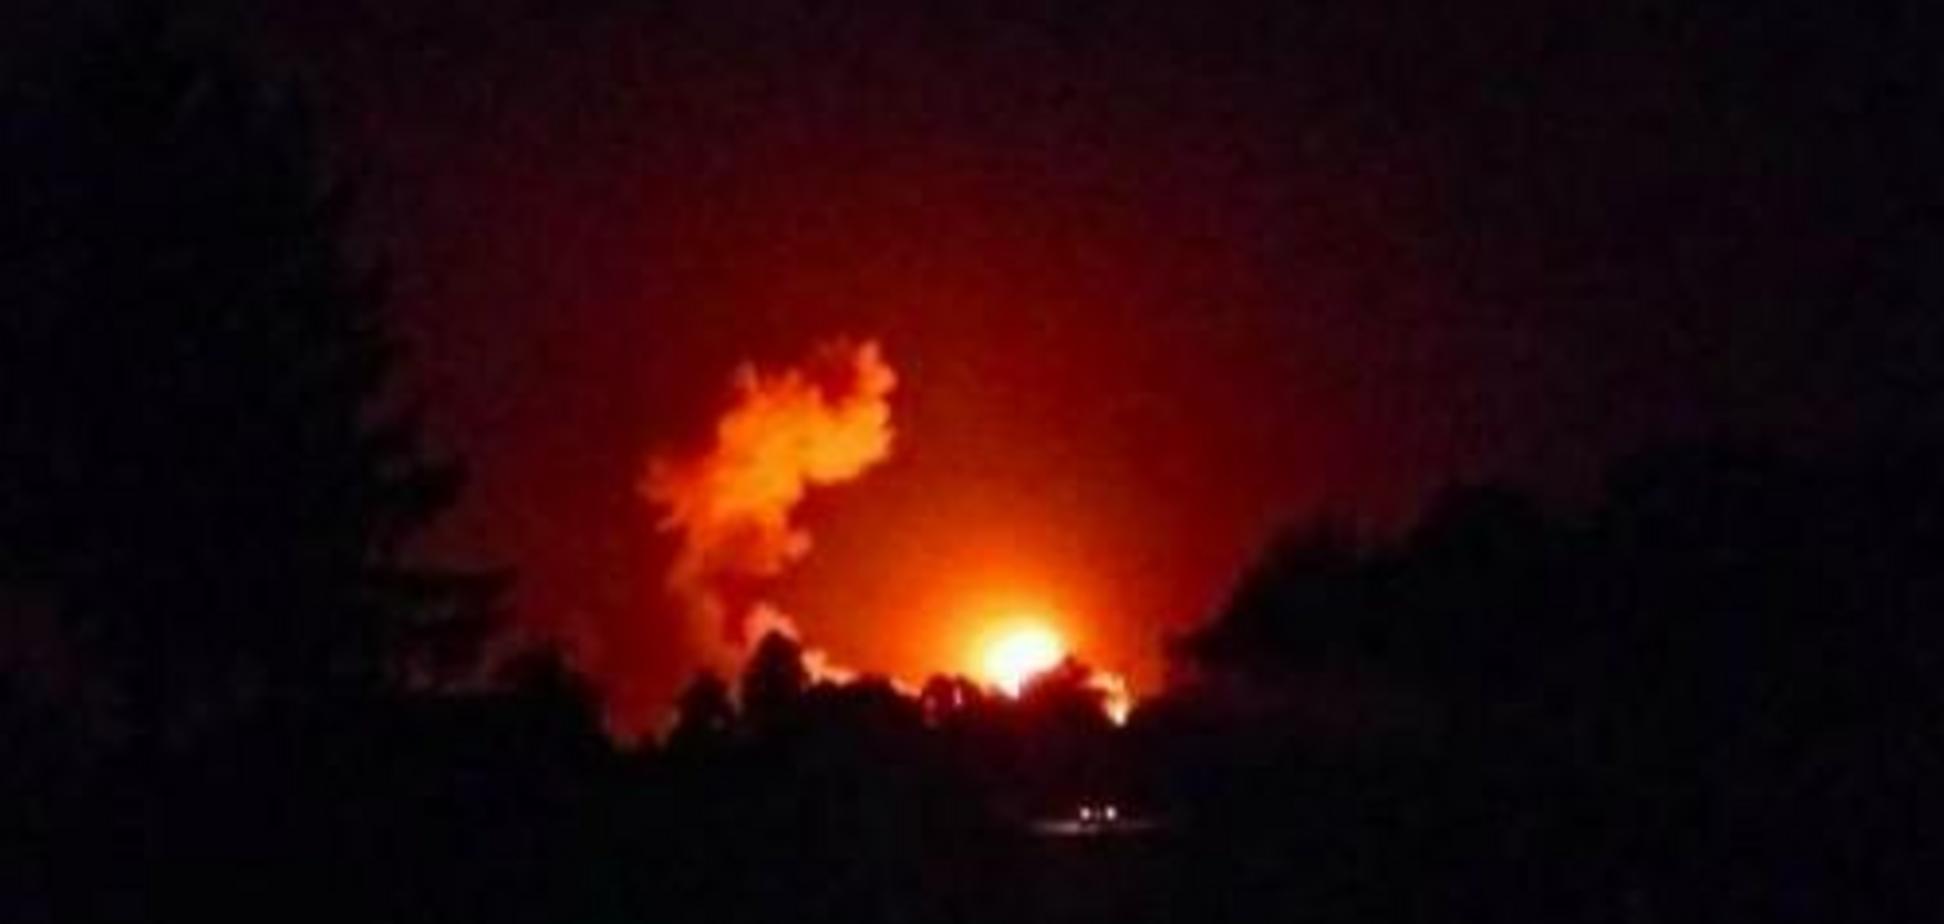 Вікна випадають: в Ічні почалася паніка через вибухи, людей евакуюють